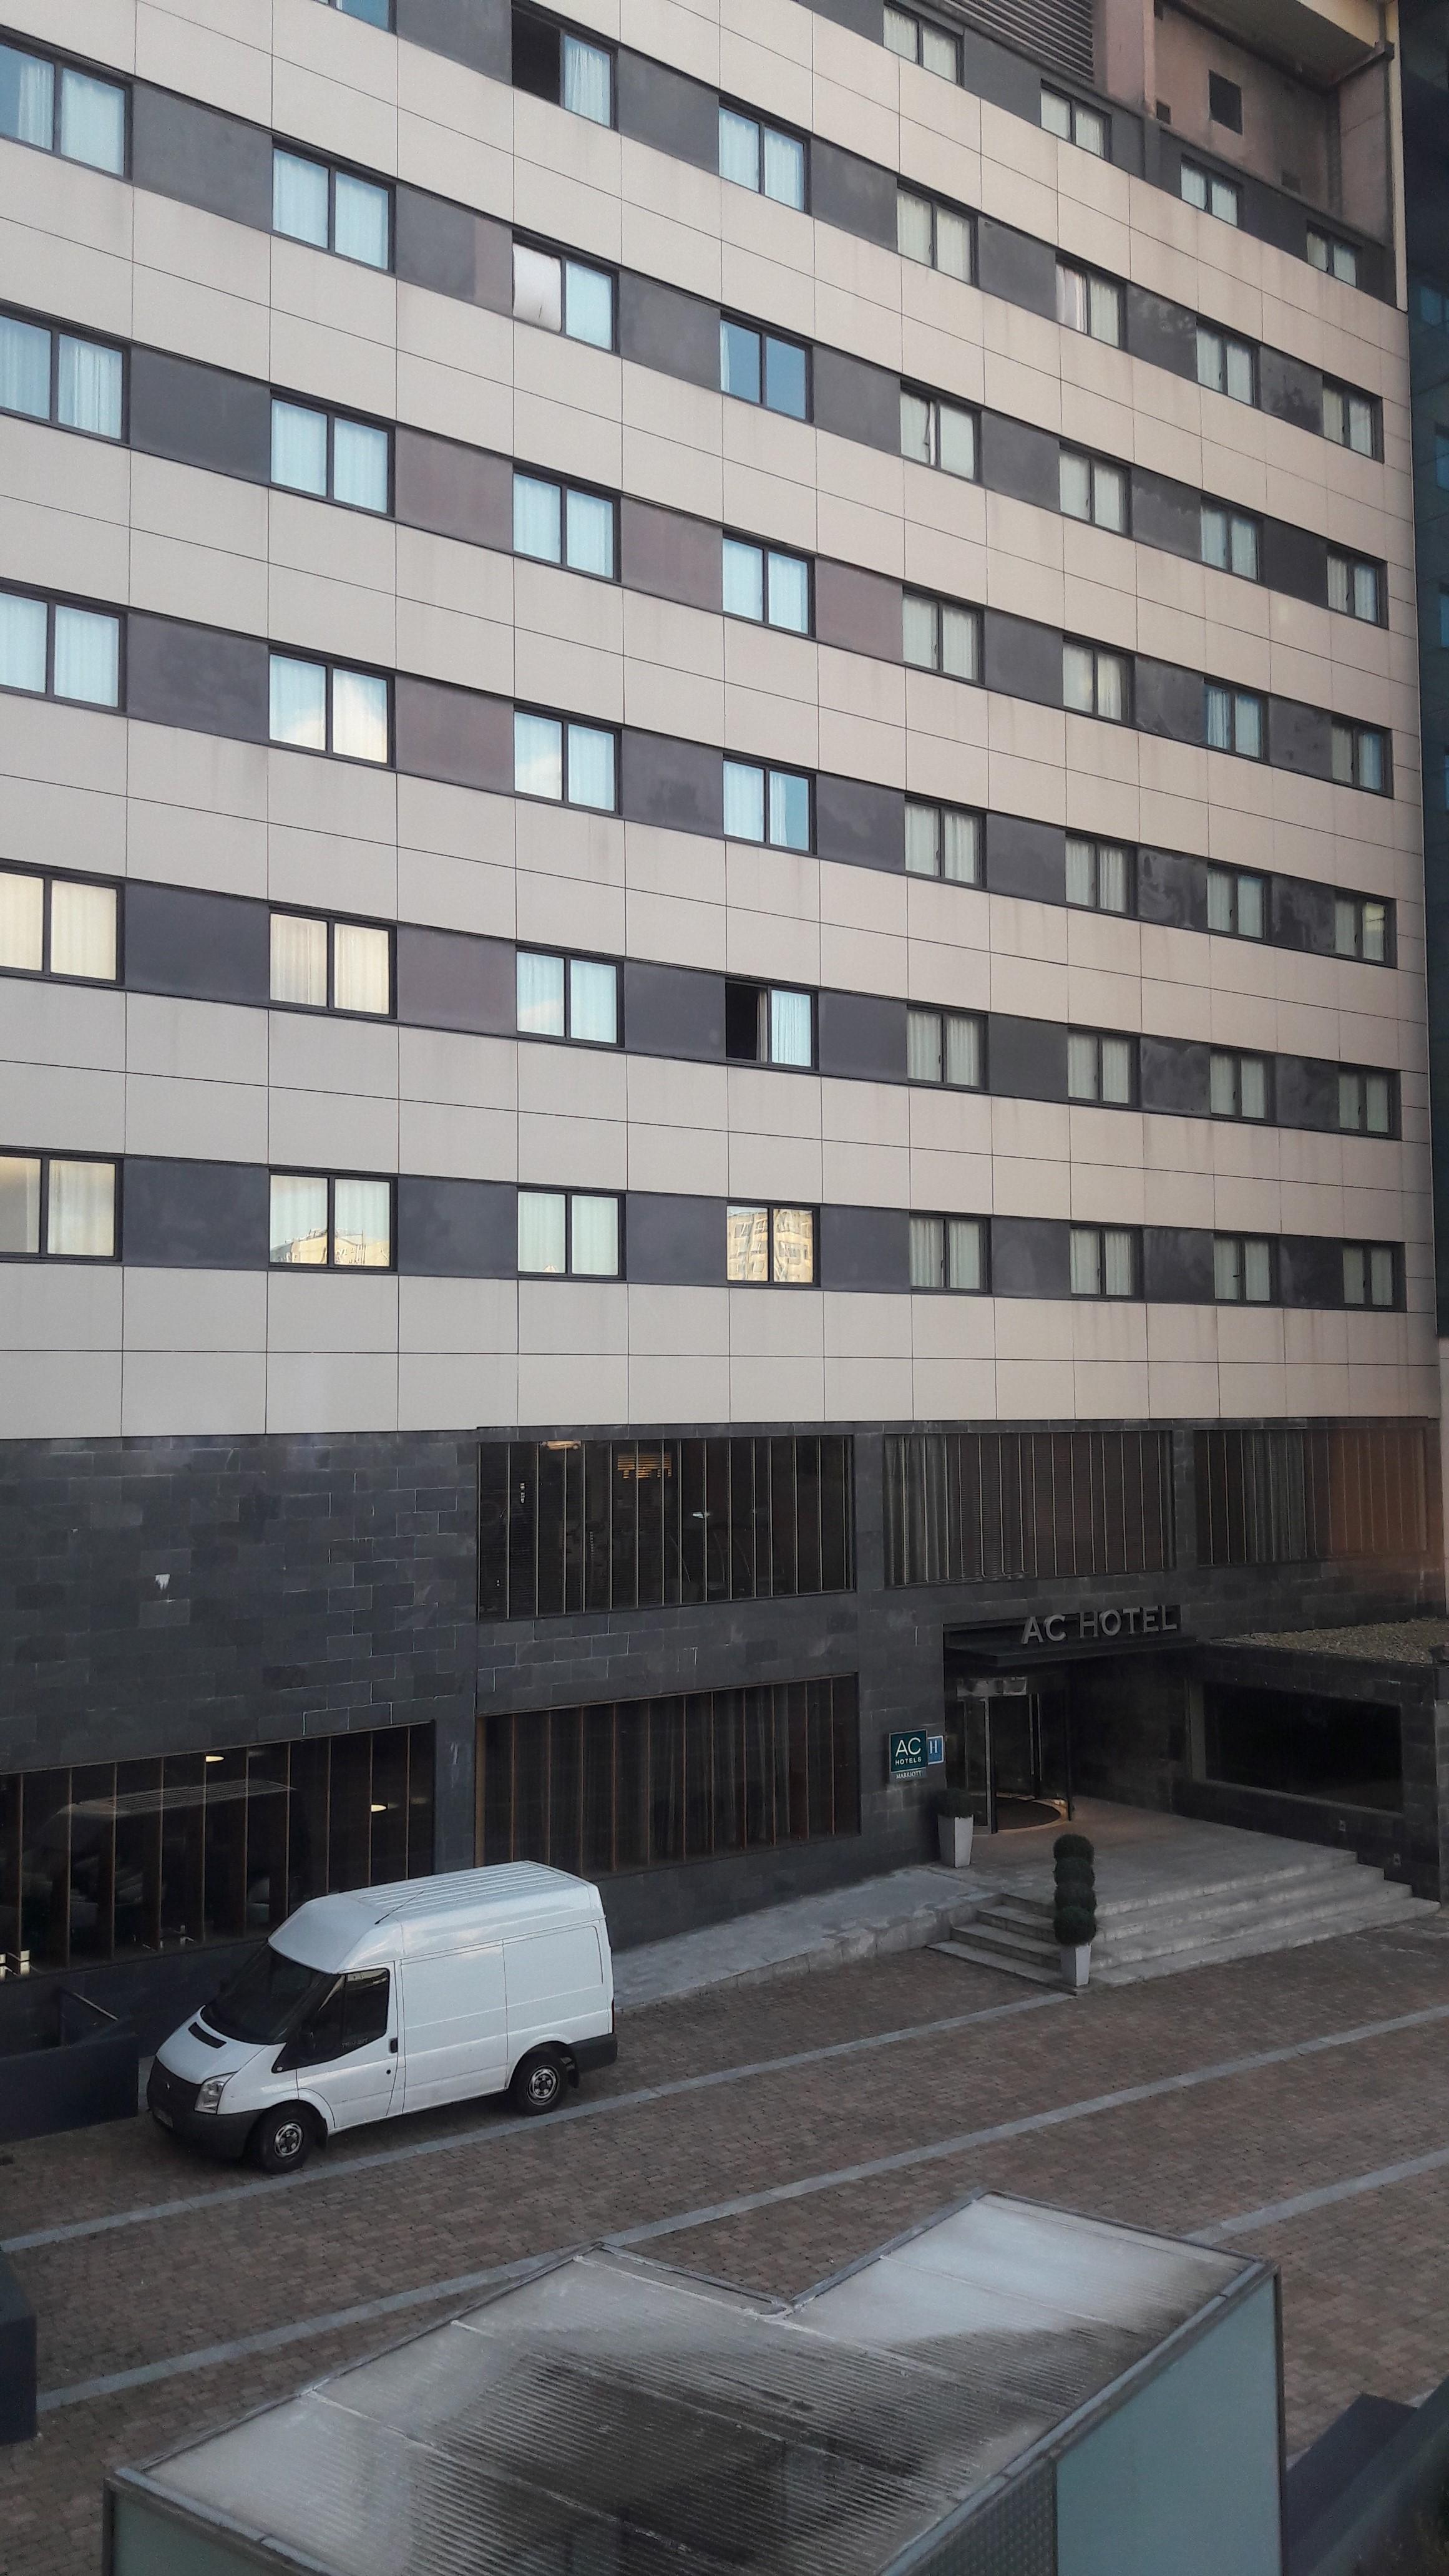 coruna-ac-hotel-backside-old-stay-apr17